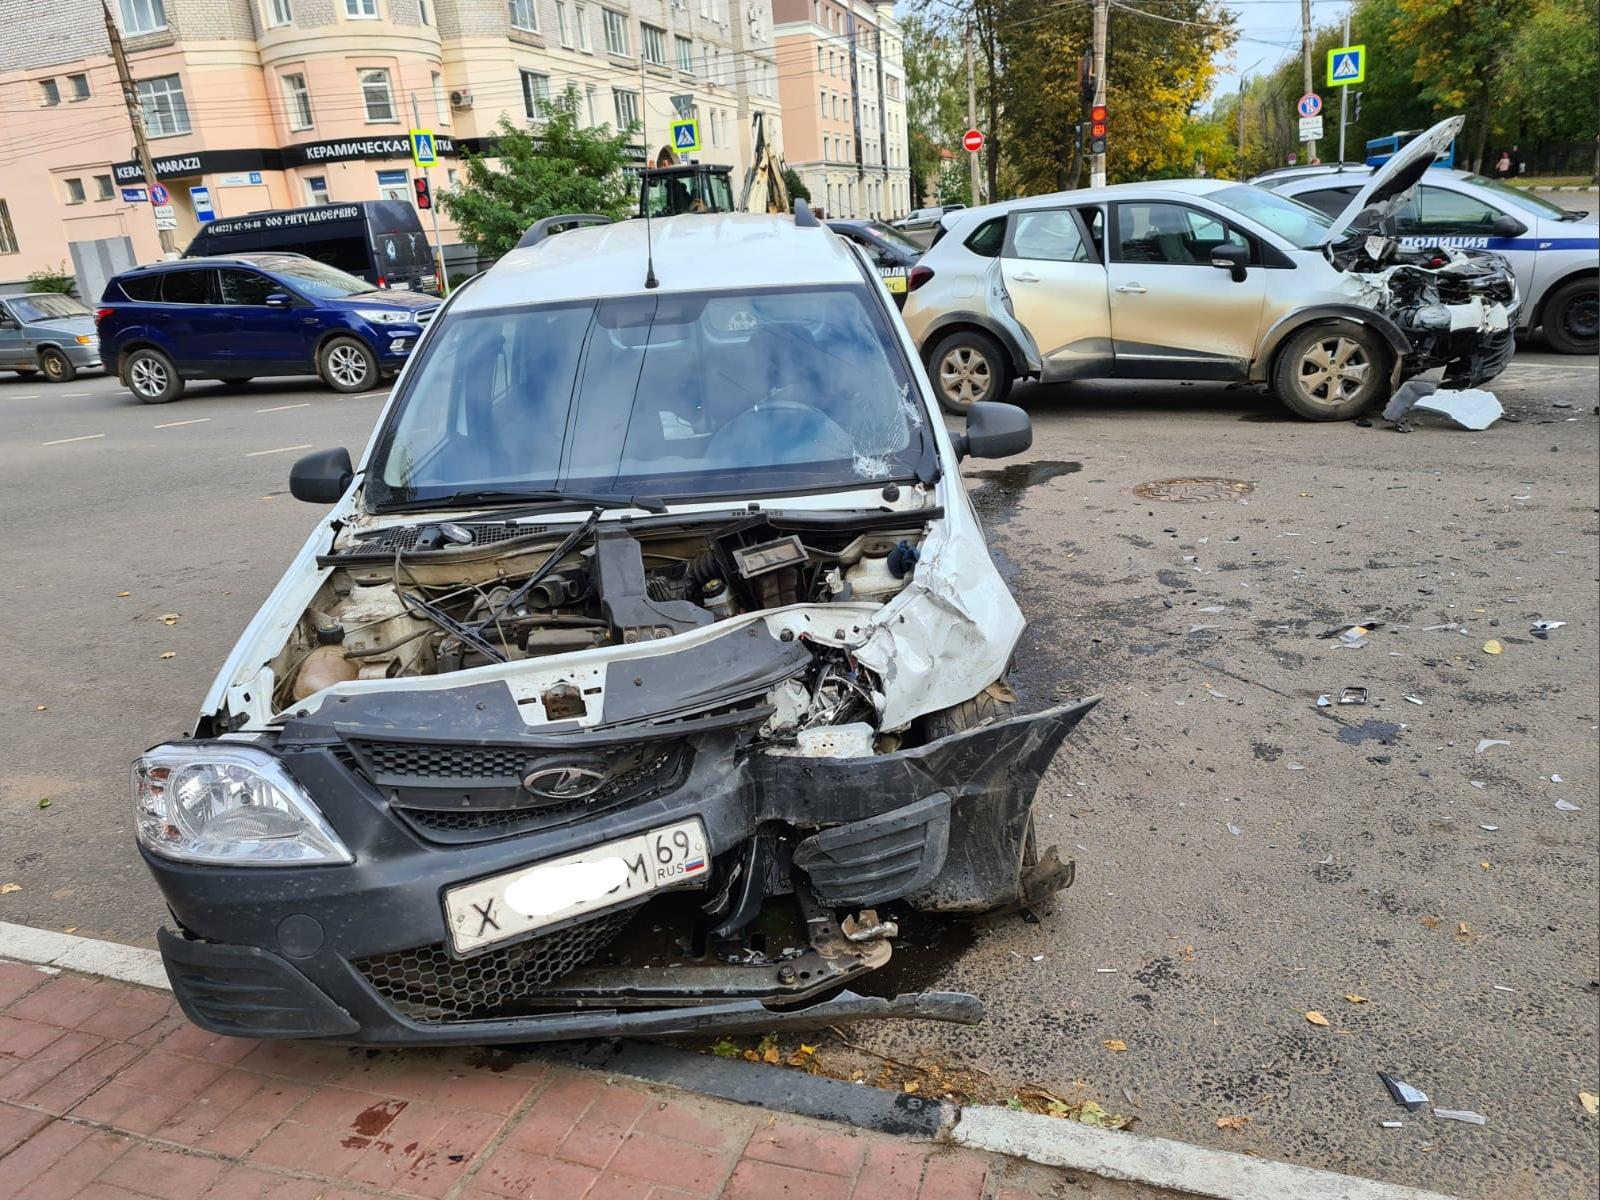 Два водителя пострадали в ДТП в Заволжском районе Твери